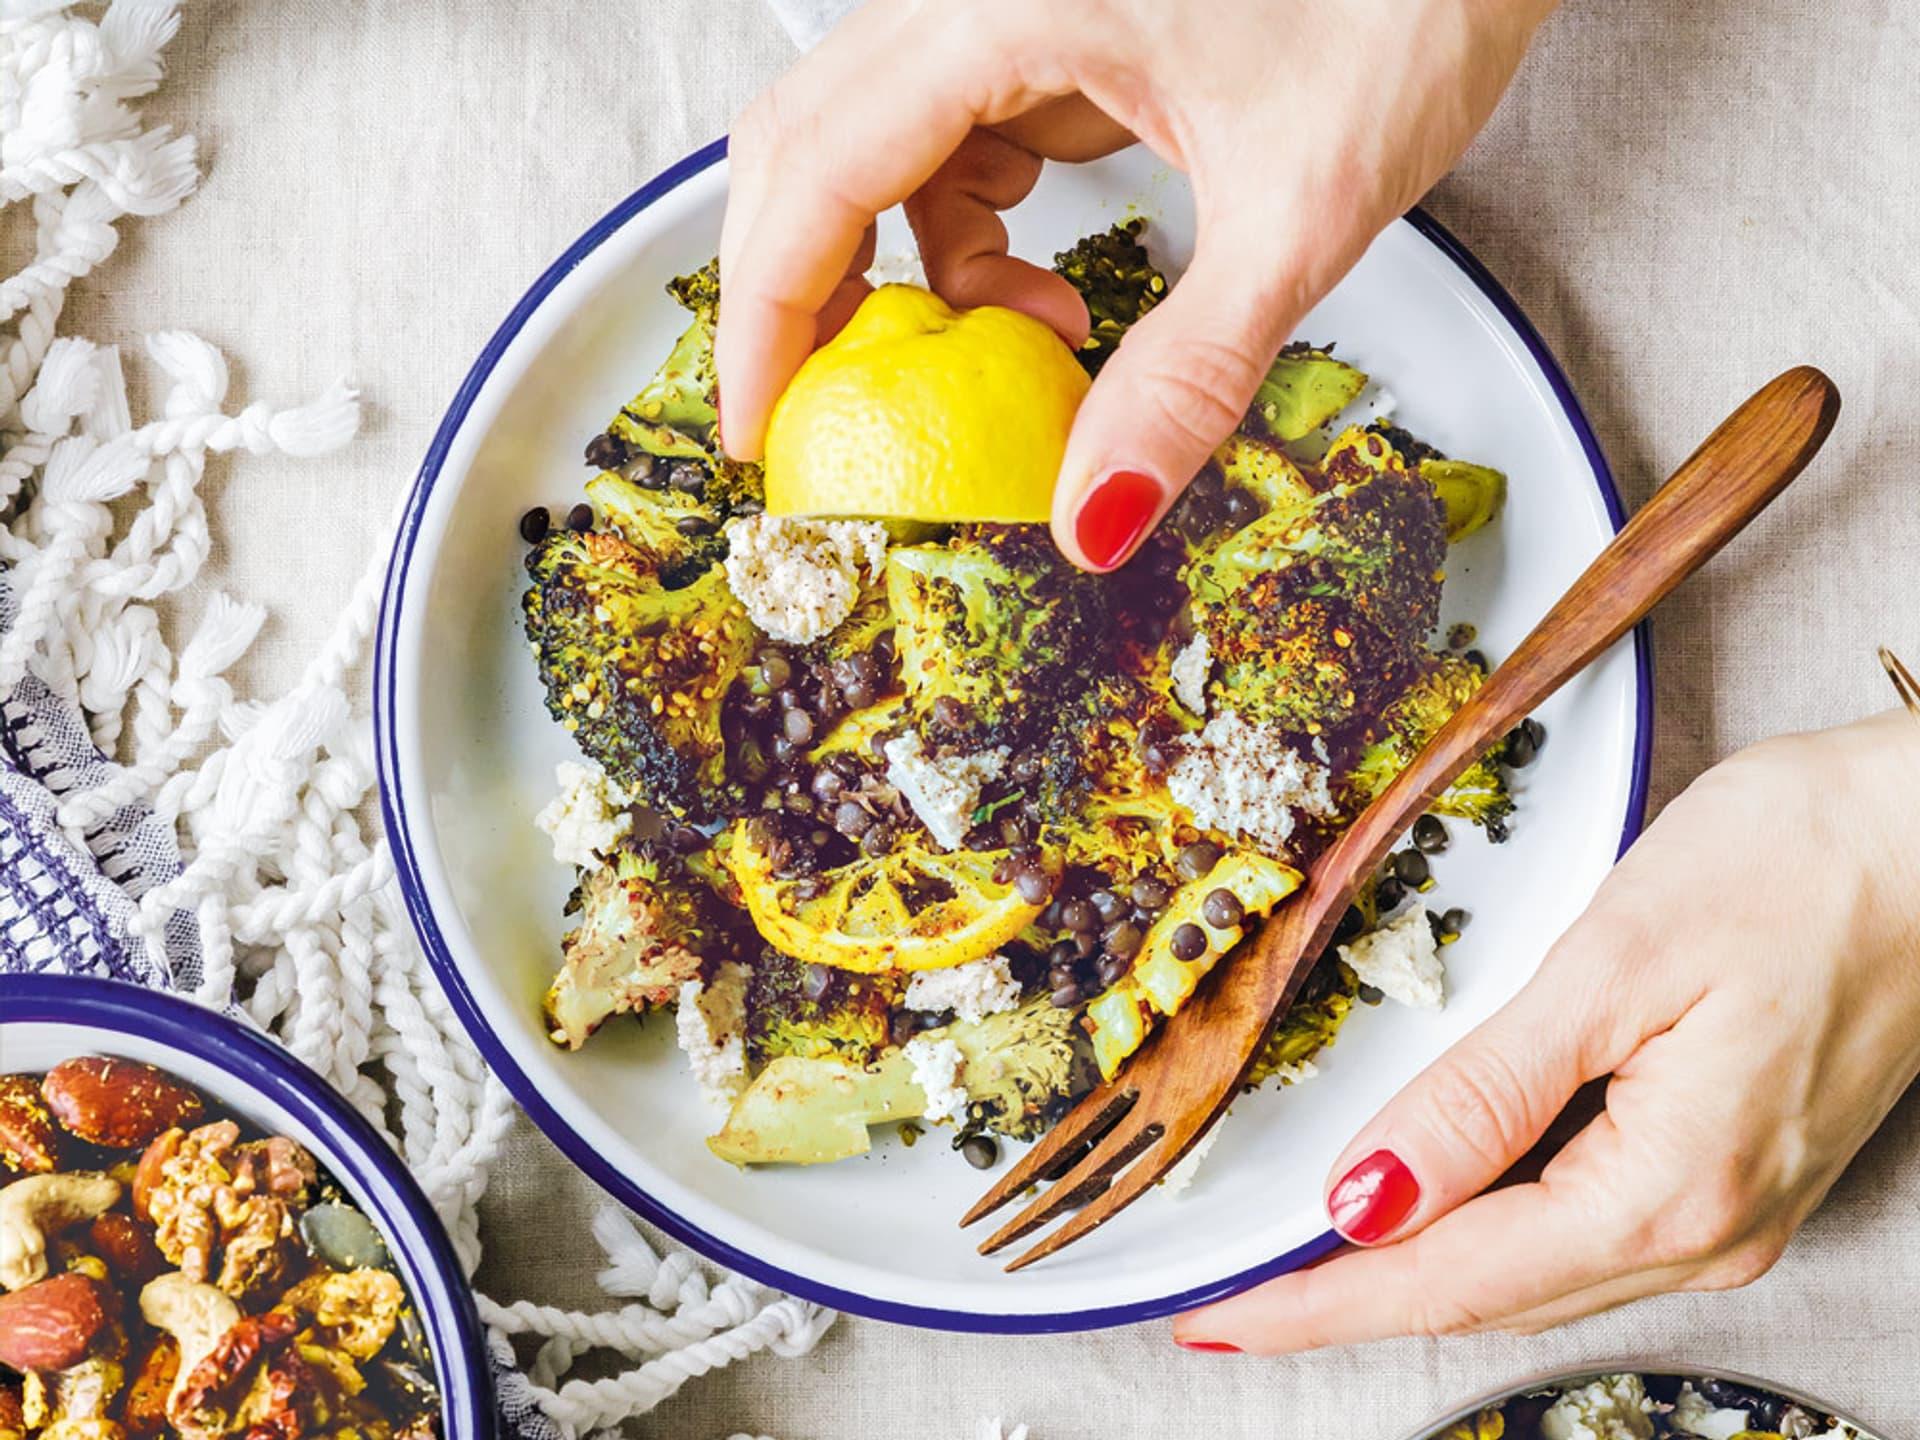 Ein Teller voller Brokkoli wird mit Zitrone beträufelt